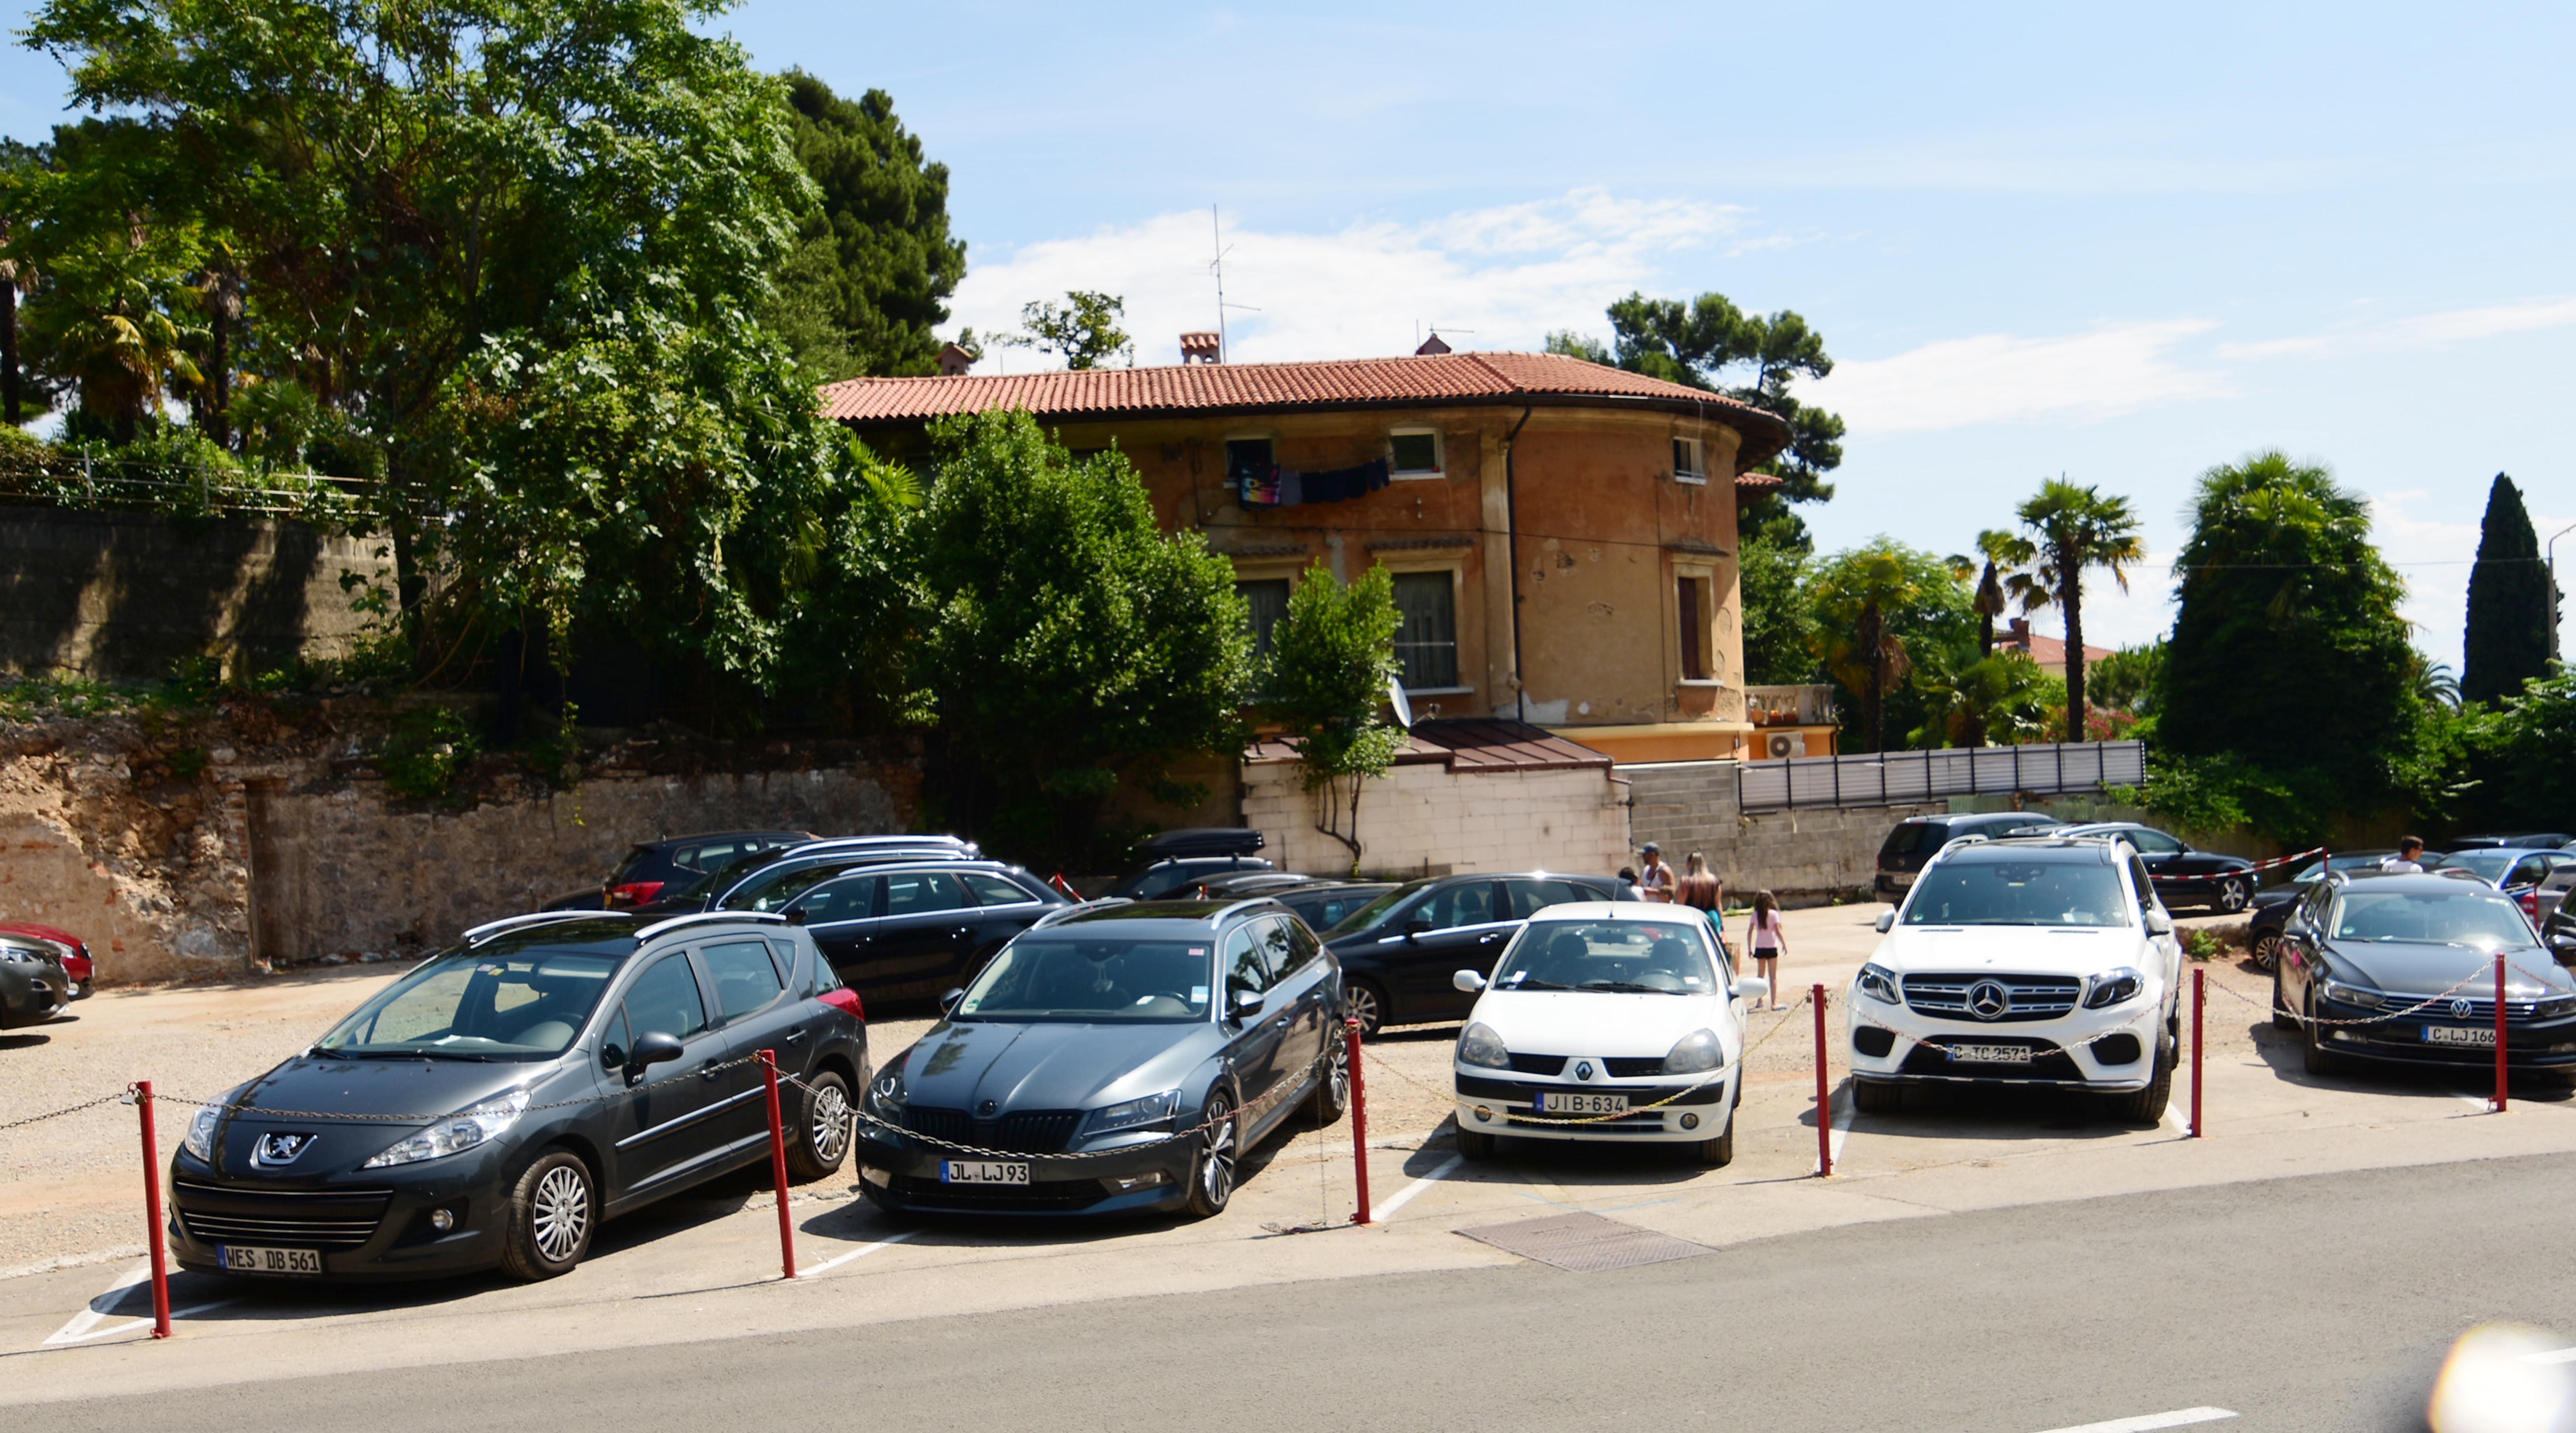 Parkiralište na mjestu bivšeg skladišta TPO-a / Foto Marin ANIČIĆ